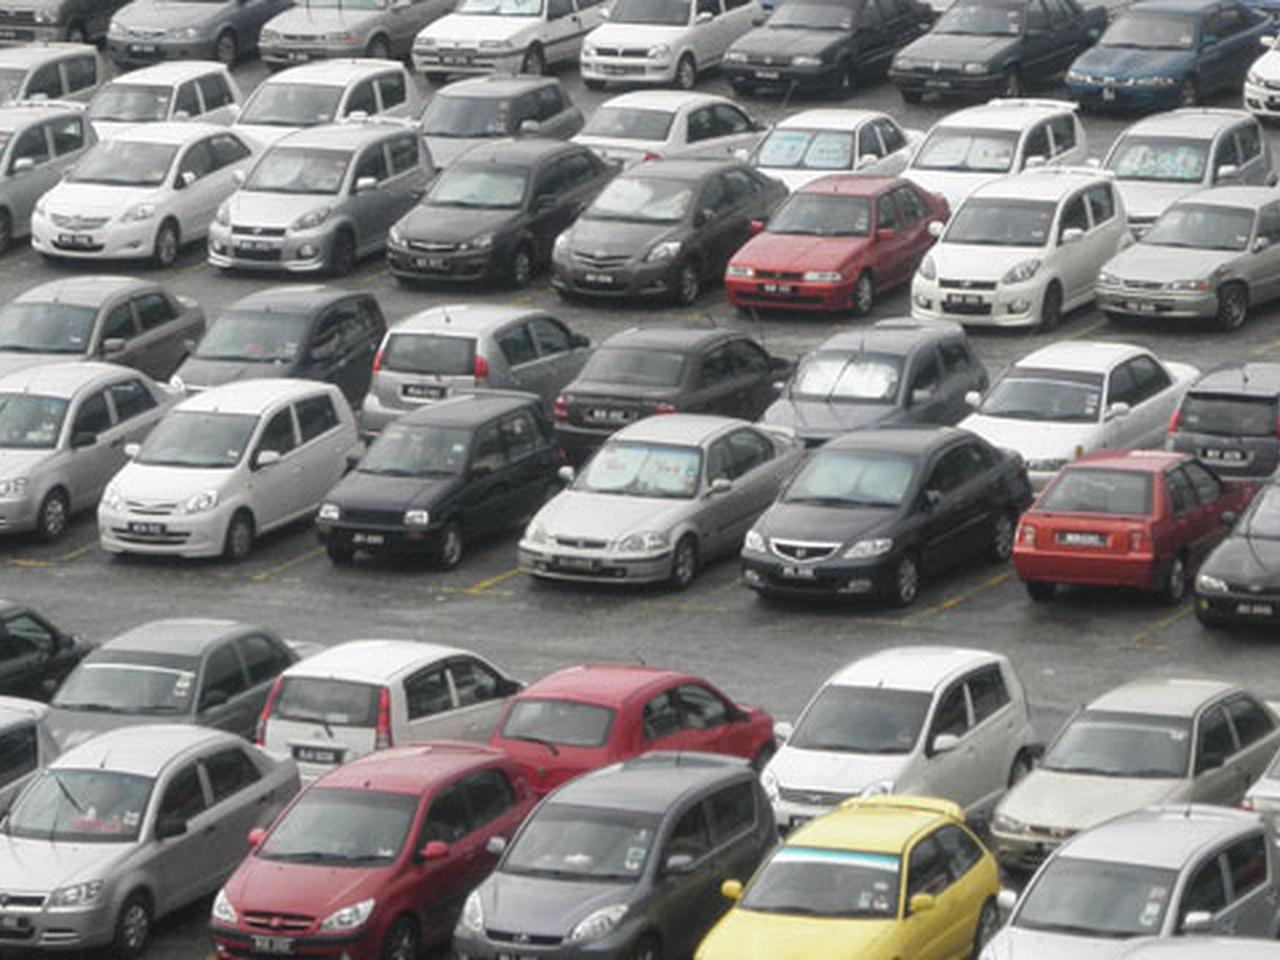 Partidos políticos deixam de estar isentos de pagar estacionamento em Lisboa